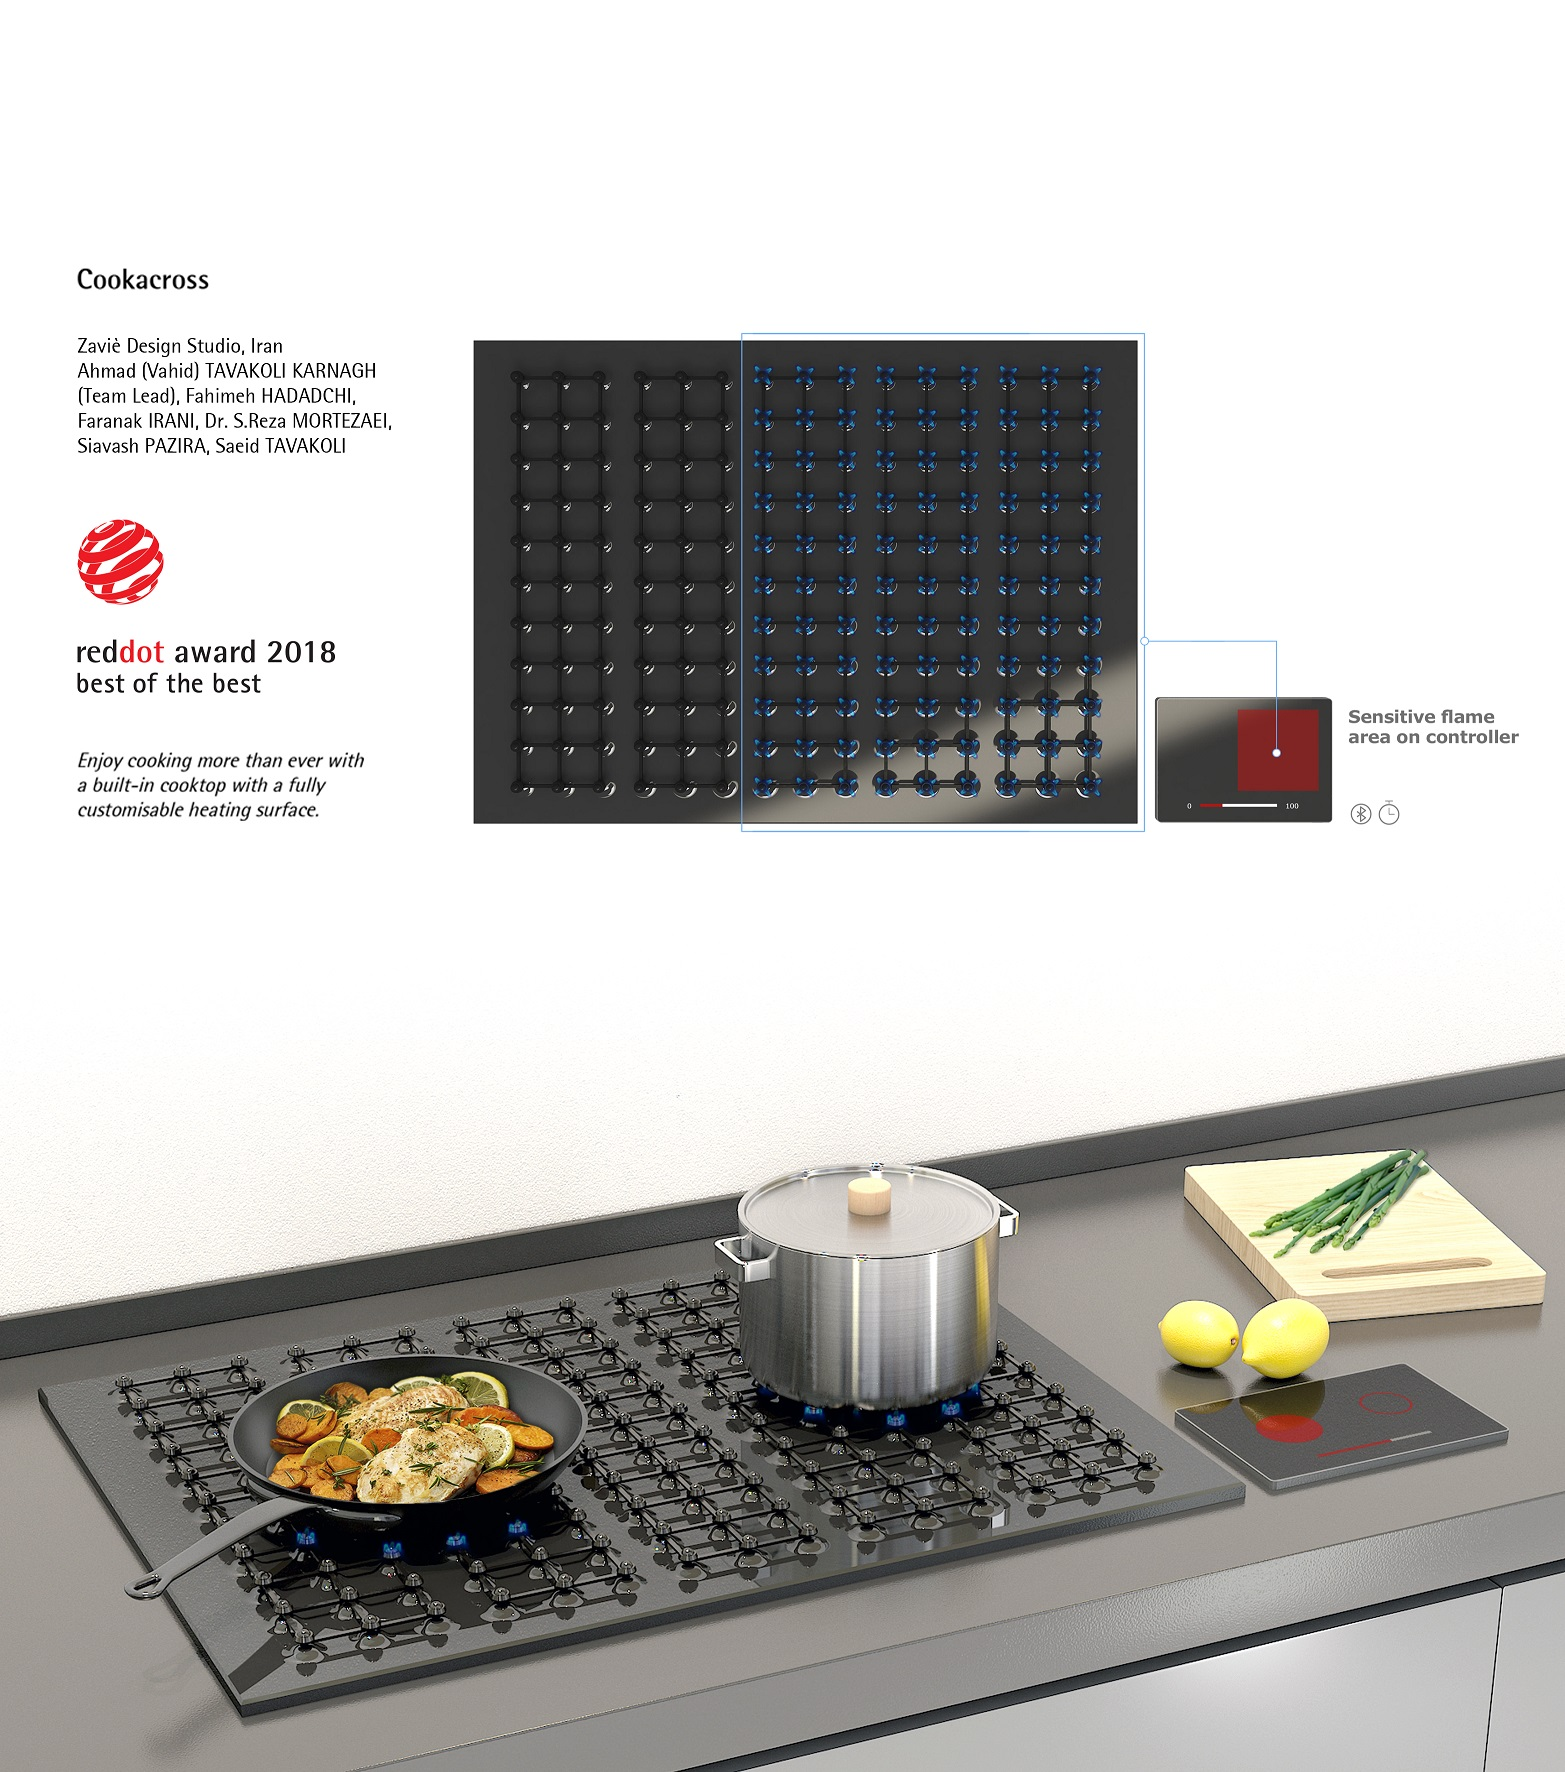 طراحی محصول - قرار گرفتن نام استدیوی طراحی زاویه در رنکینگ برترین دیزاین استدیوهای آسیا پسیفیک از نگاه رددات